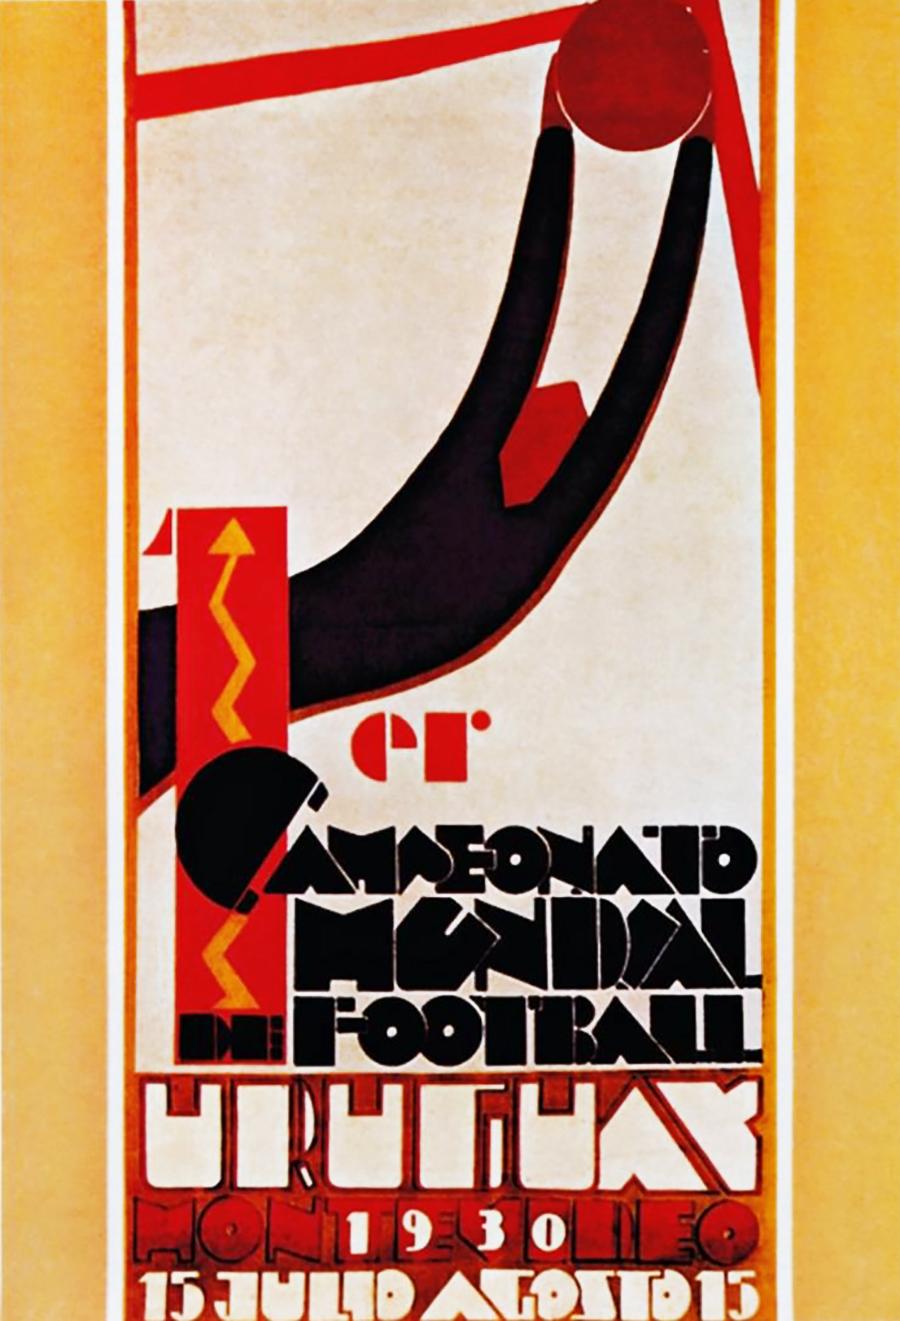 Первый чемпионат мира по футболу прошел в июле 1930 года в Уругвае. Его победителем стали хозяева, обыгравшие в финале сборную Аргентины со счетом 4:2.